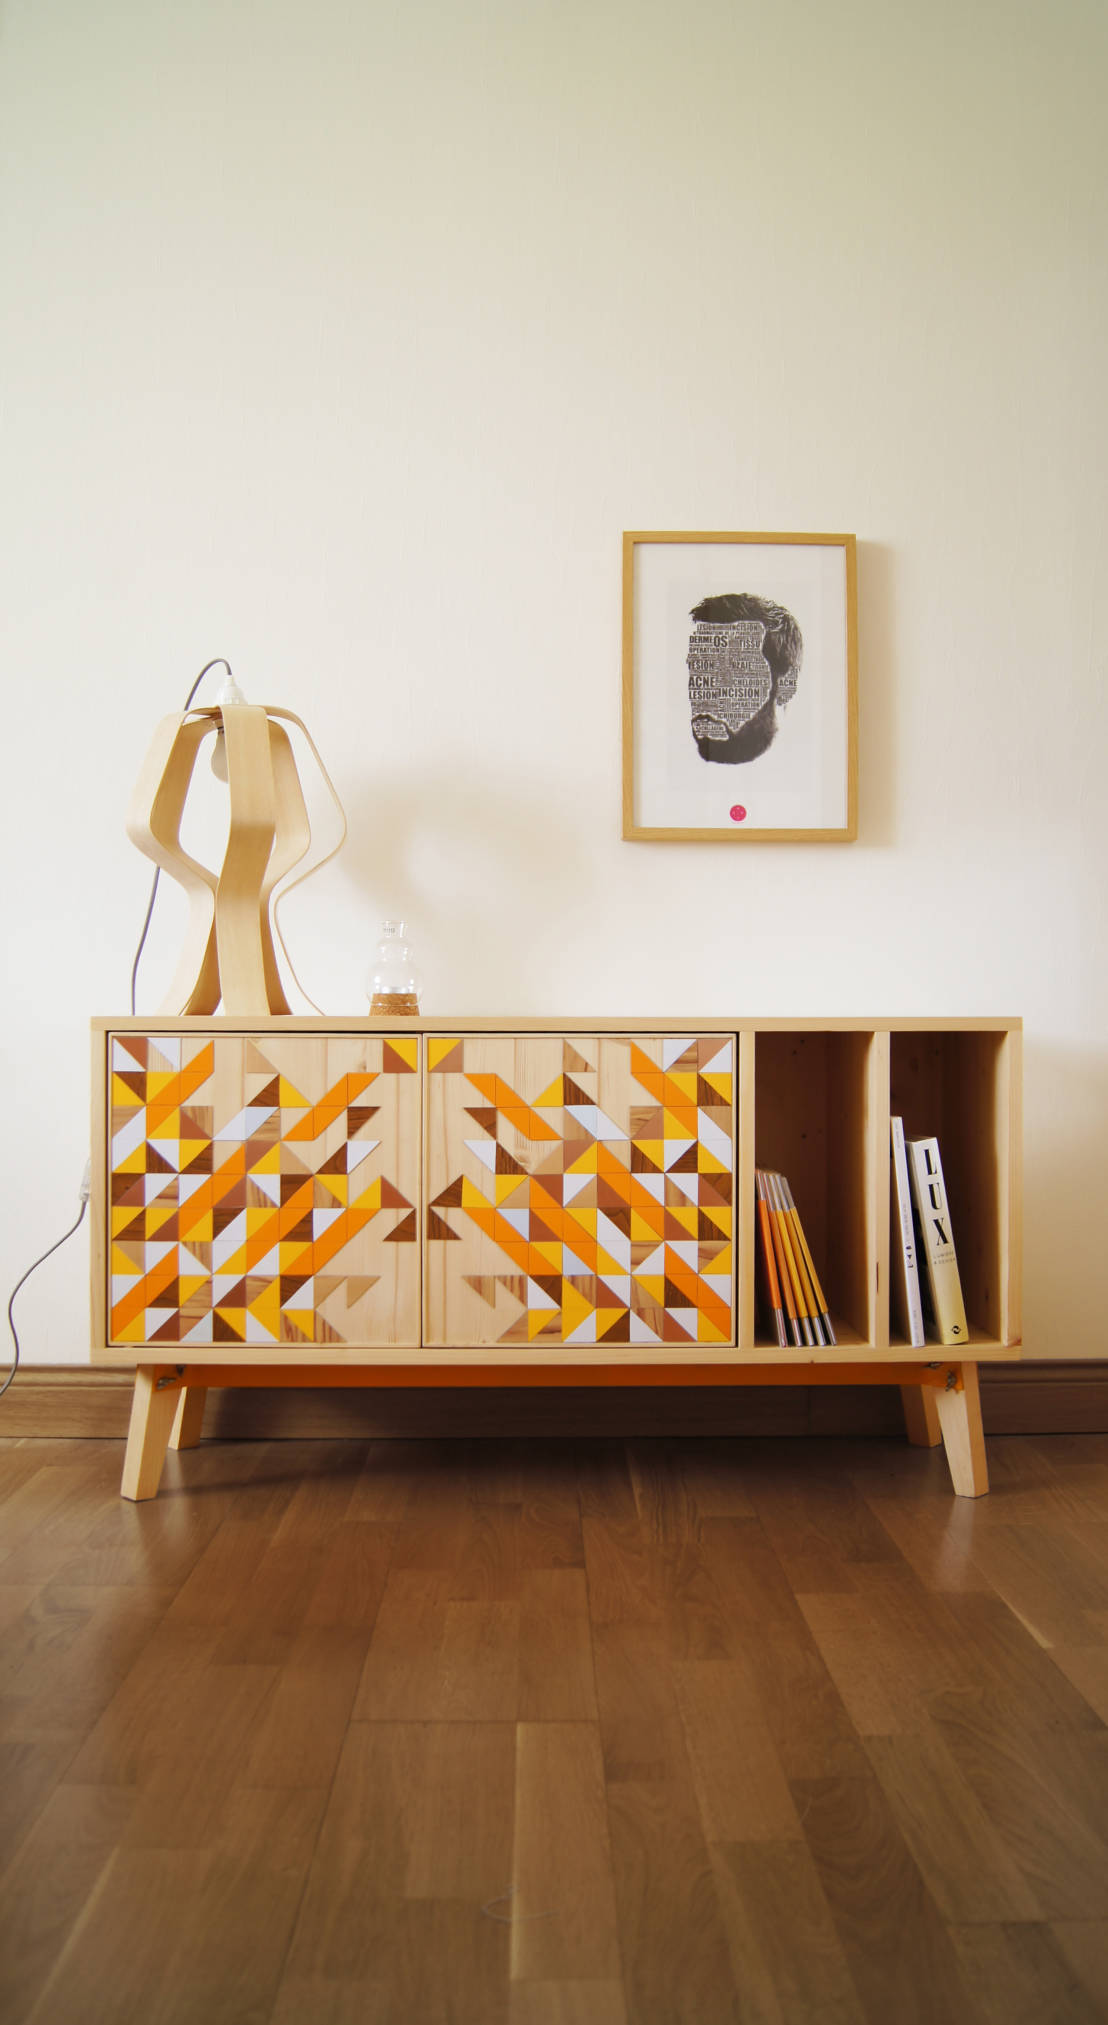 Appartement design meubles et d corations architecturales - Ameublement design appartement russe ...